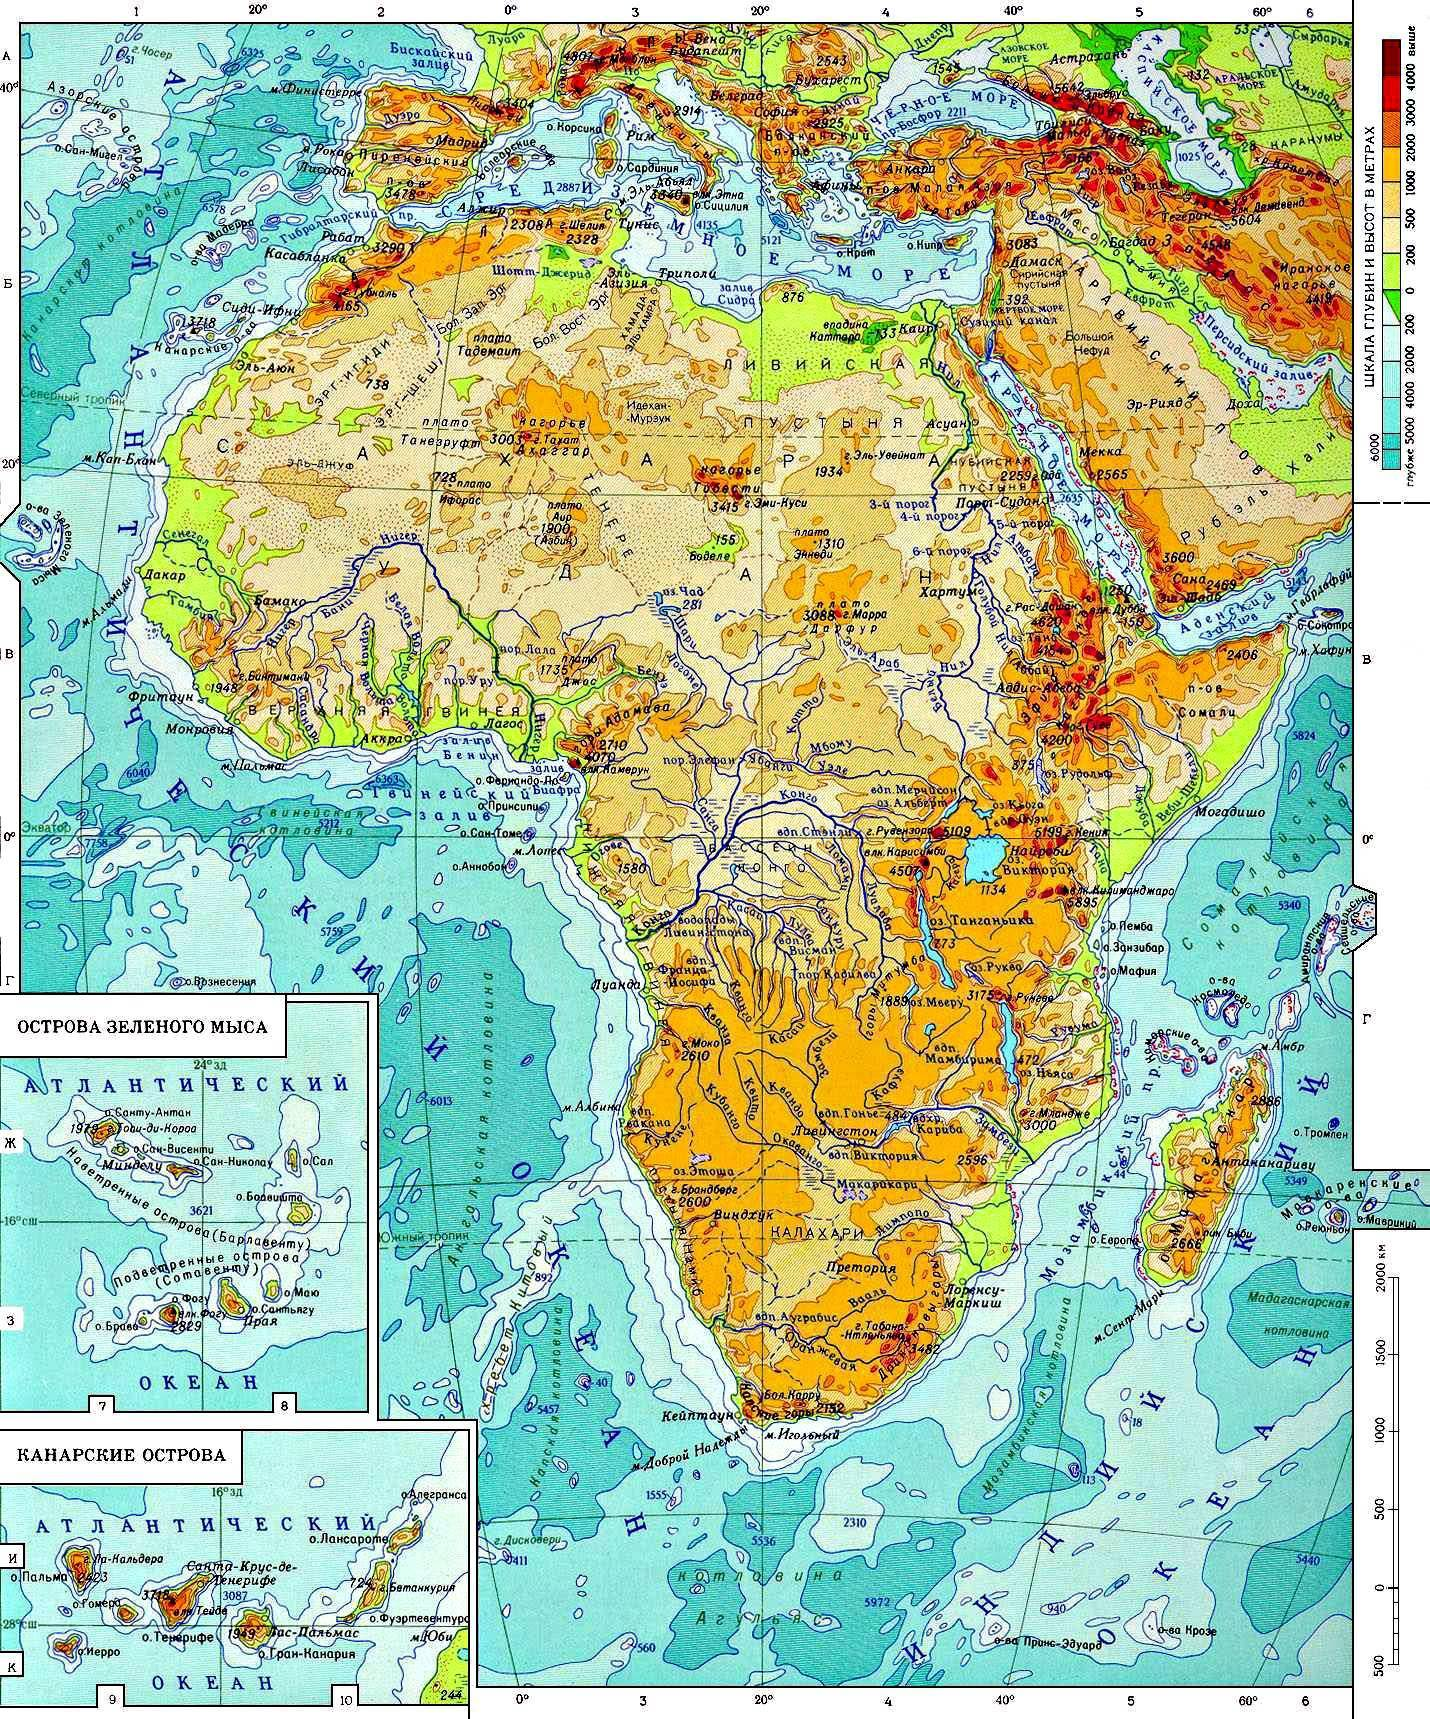 Какими океанами омывается материк африка